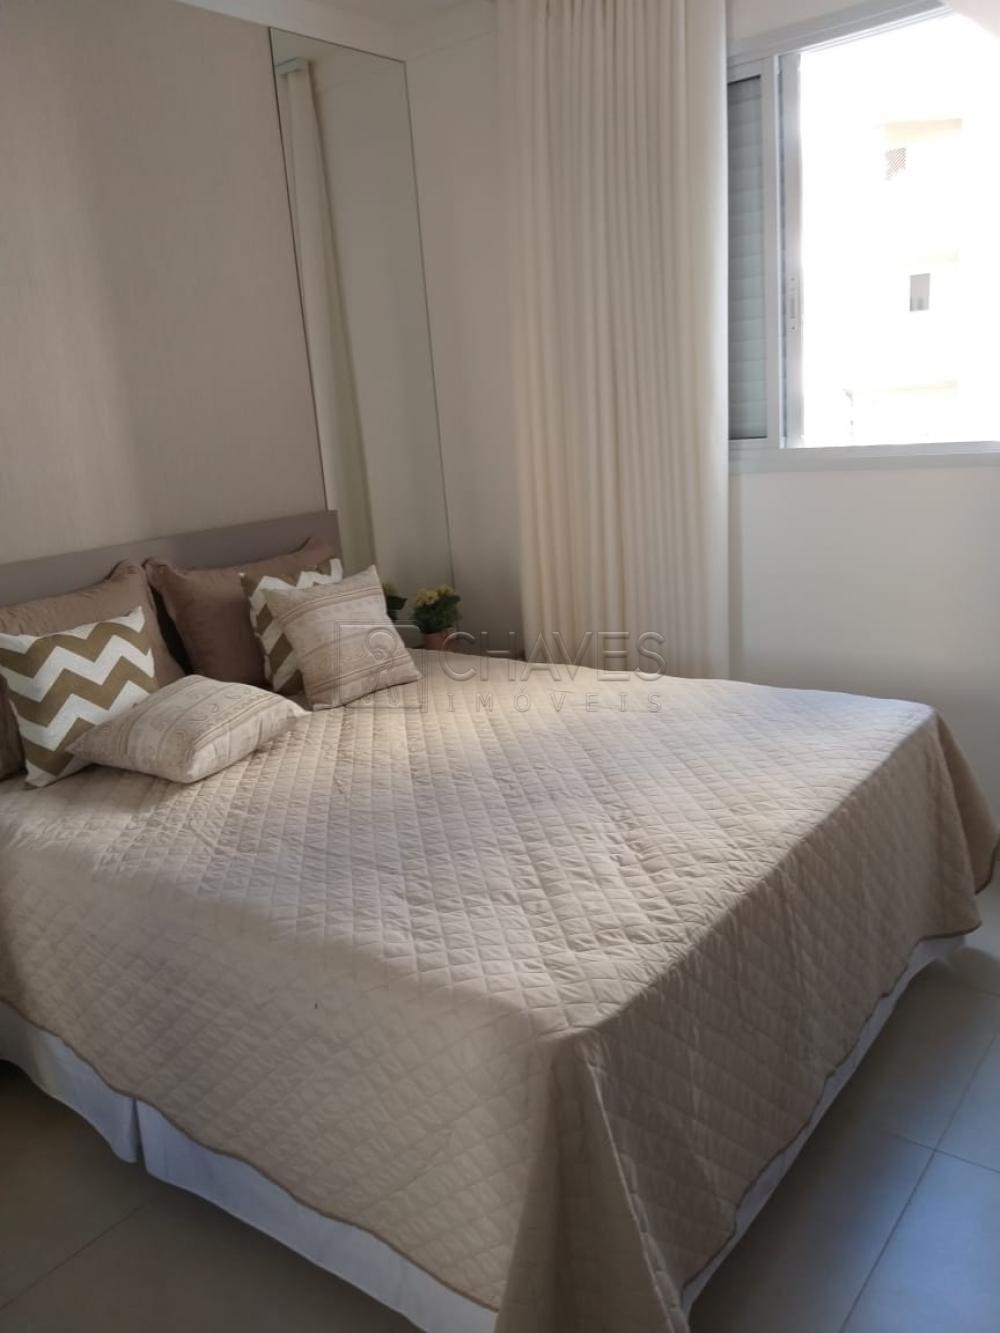 Comprar Apartamento / Padrão em Ribeirão Preto apenas R$ 586.450,00 - Foto 25